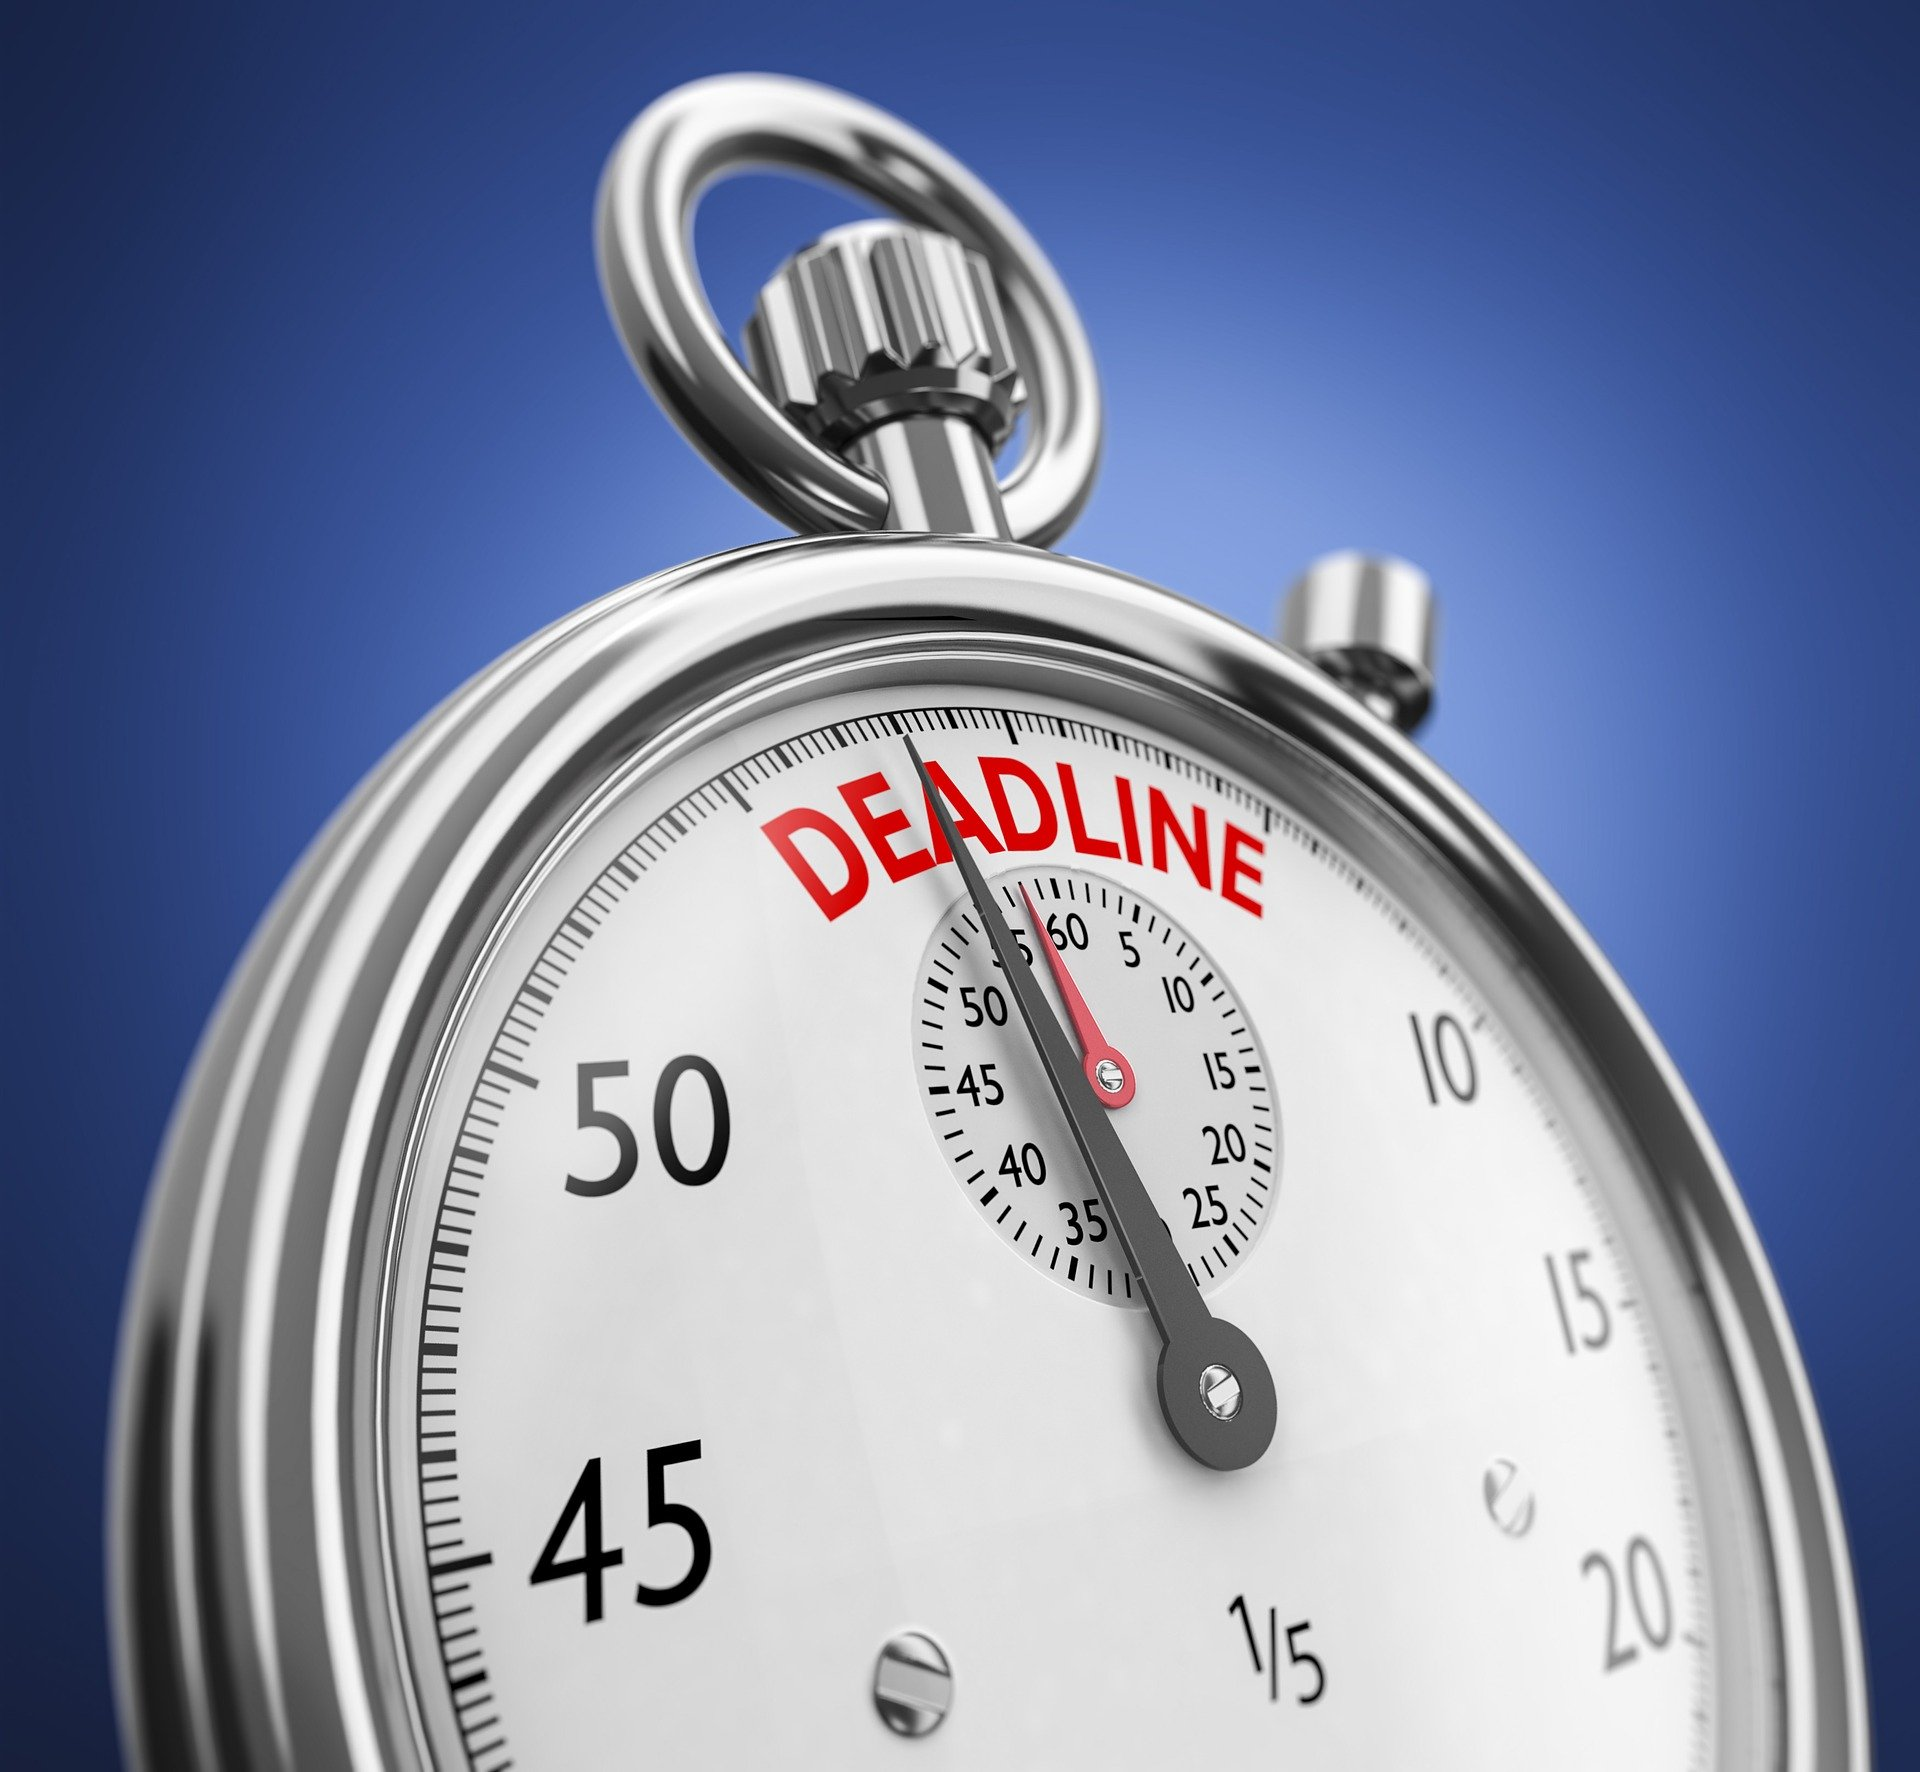 Mise à pied conservatoire : 4 jours pour engager la procédure disciplinaire, c'est trop long !